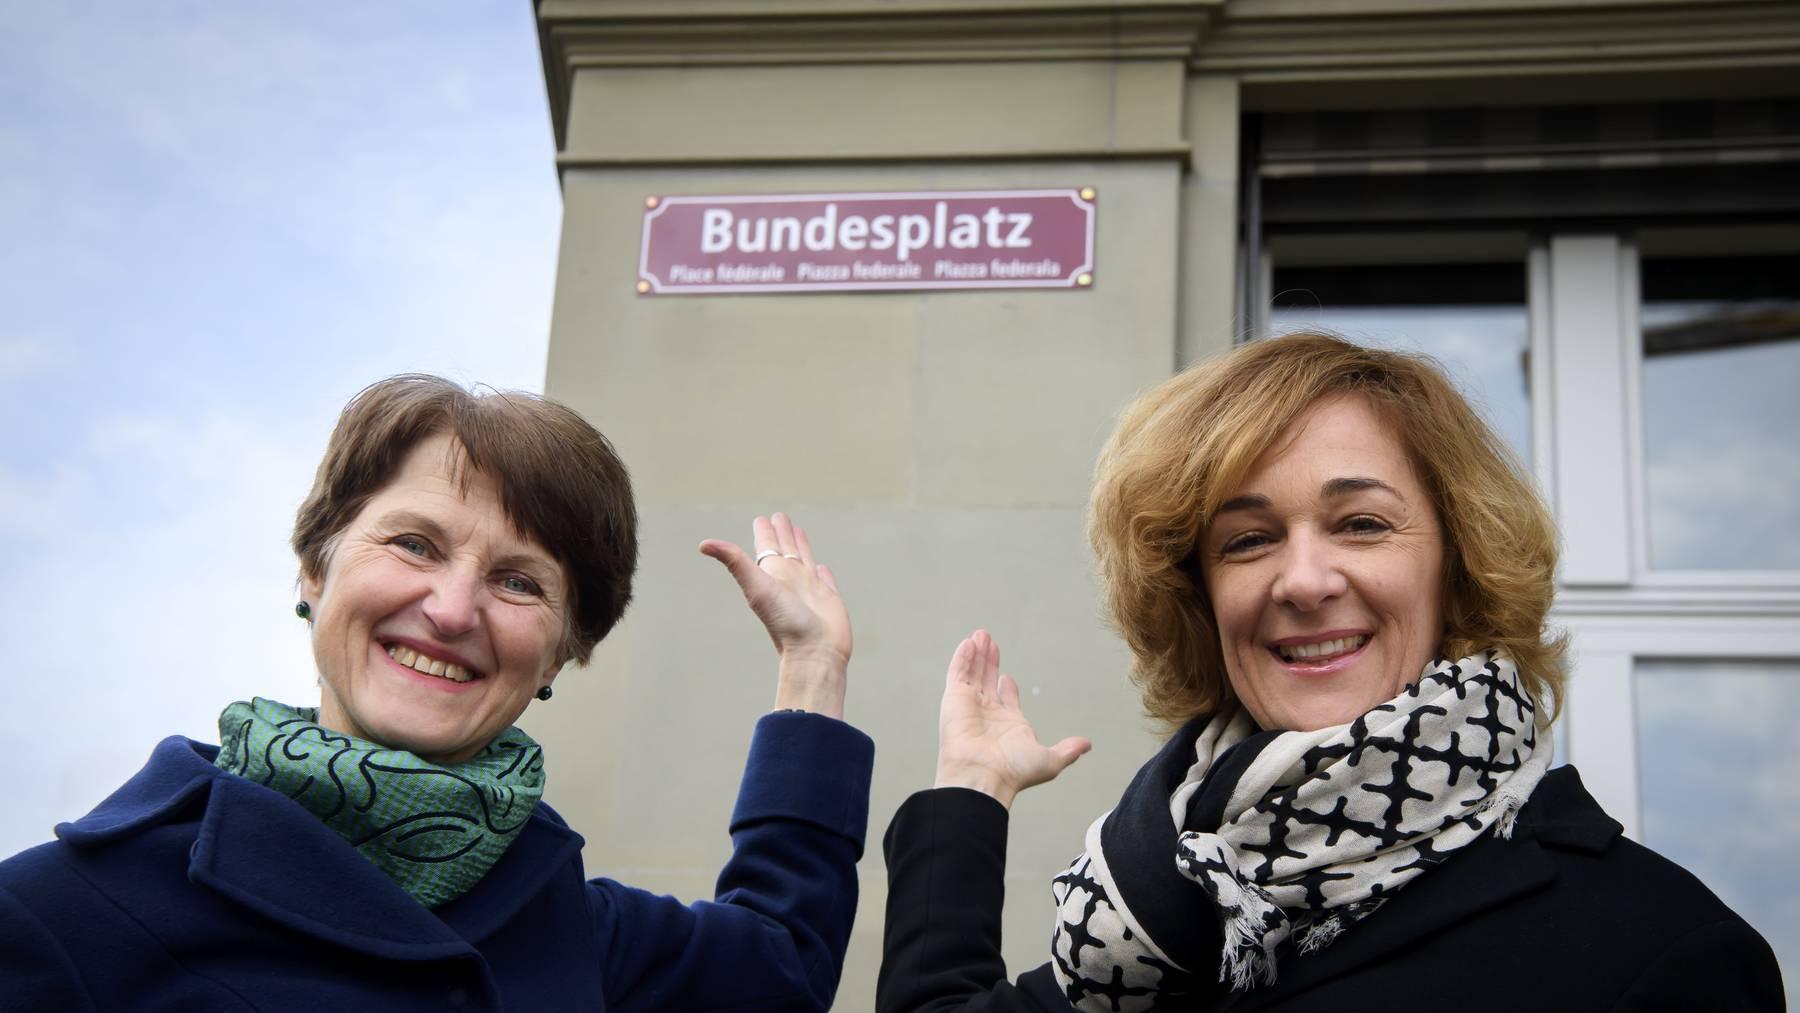 Seit Freitag viersprachig beschriftet: Der Bundesplatz in Bern – im Bild die Gemeinderätinnen Franziska Teuscher und Ursula Wyss (rechts).